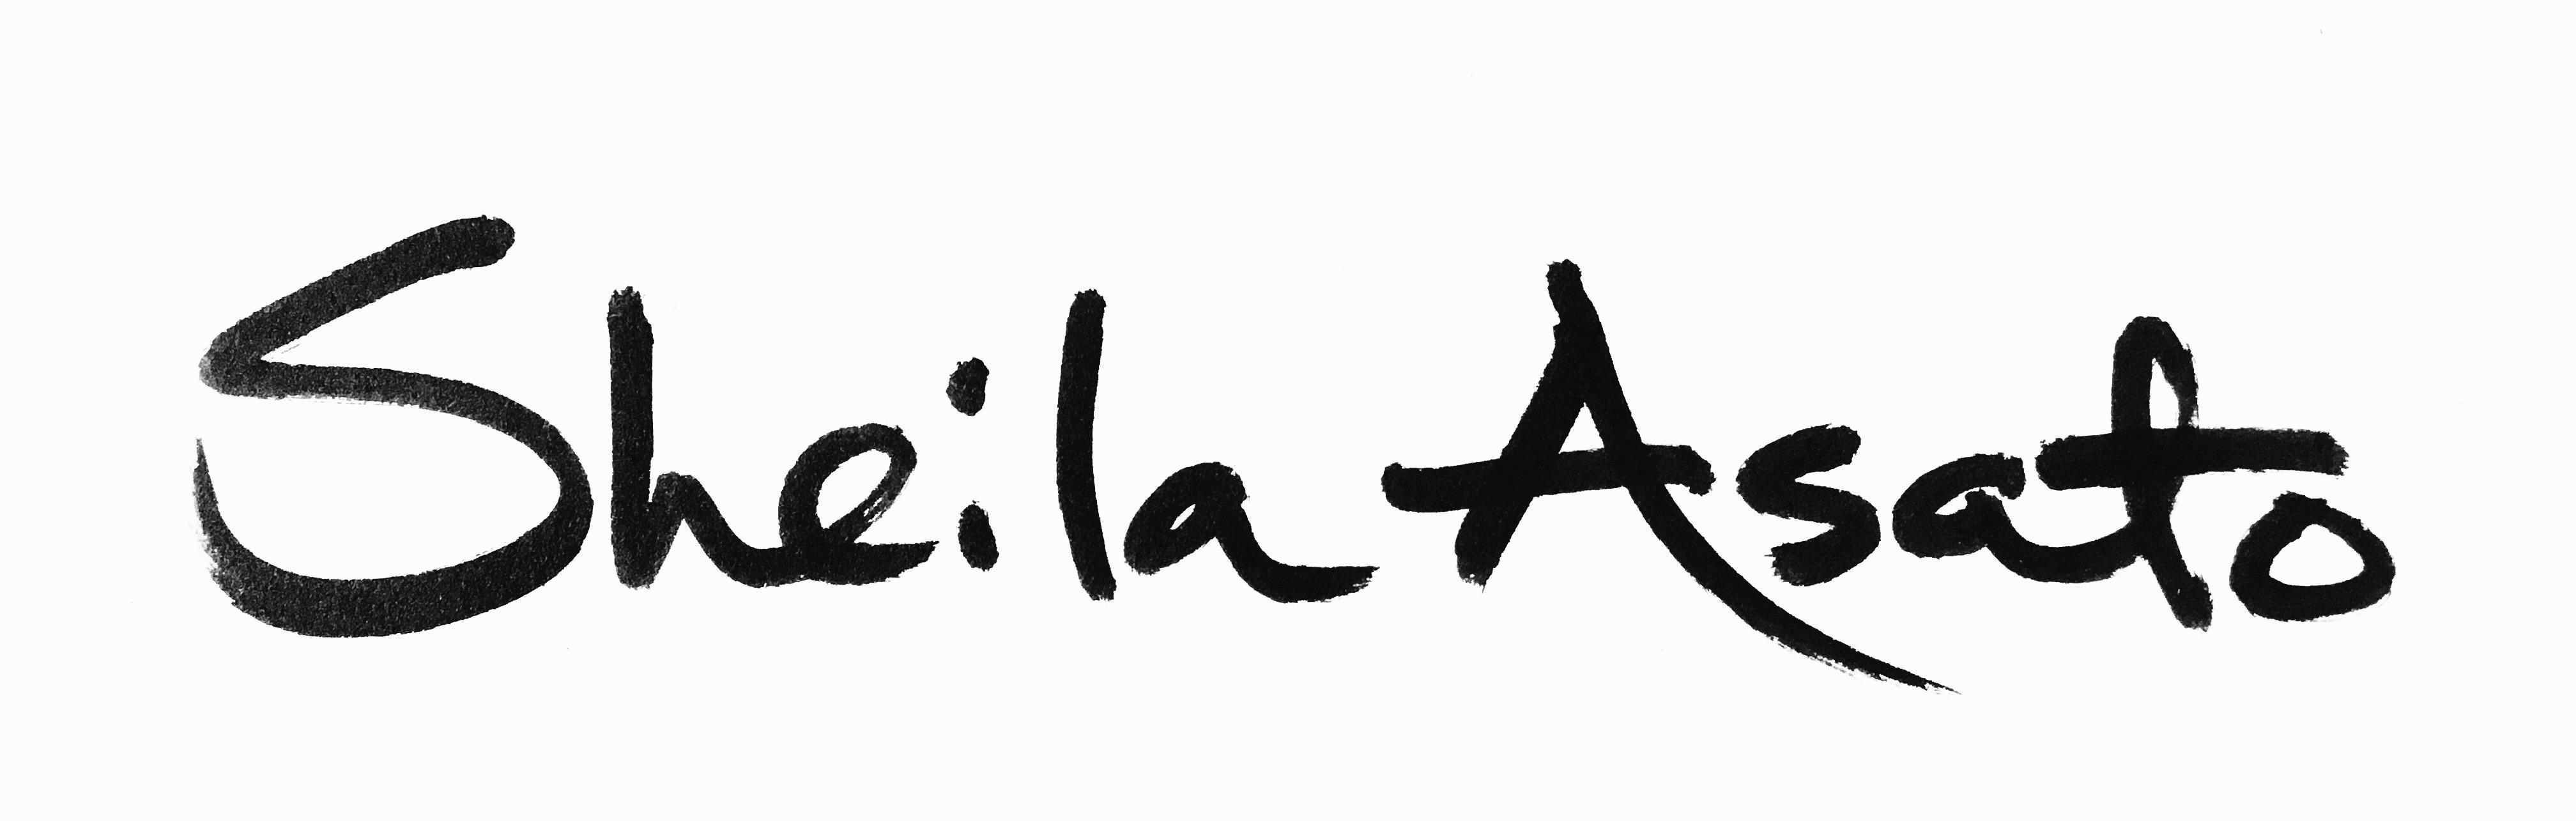 Sheila Asato's Signature